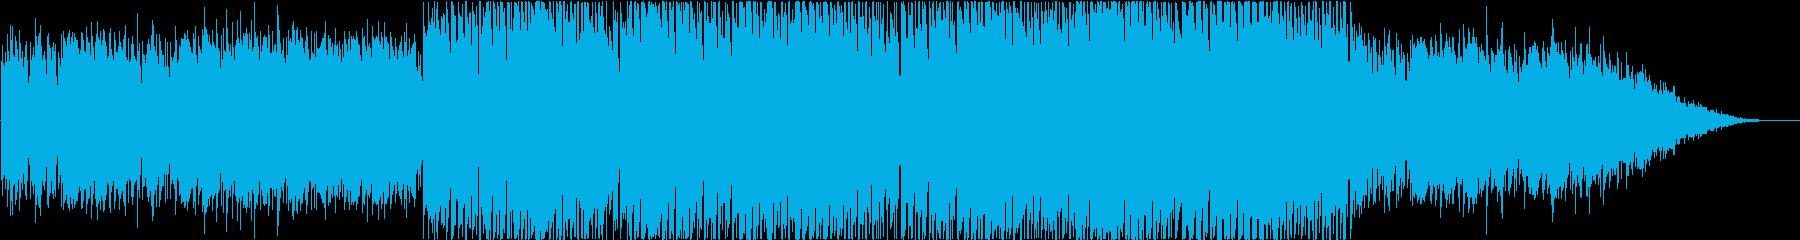 ポジティブで音響的なバックグラウンドトラの再生済みの波形